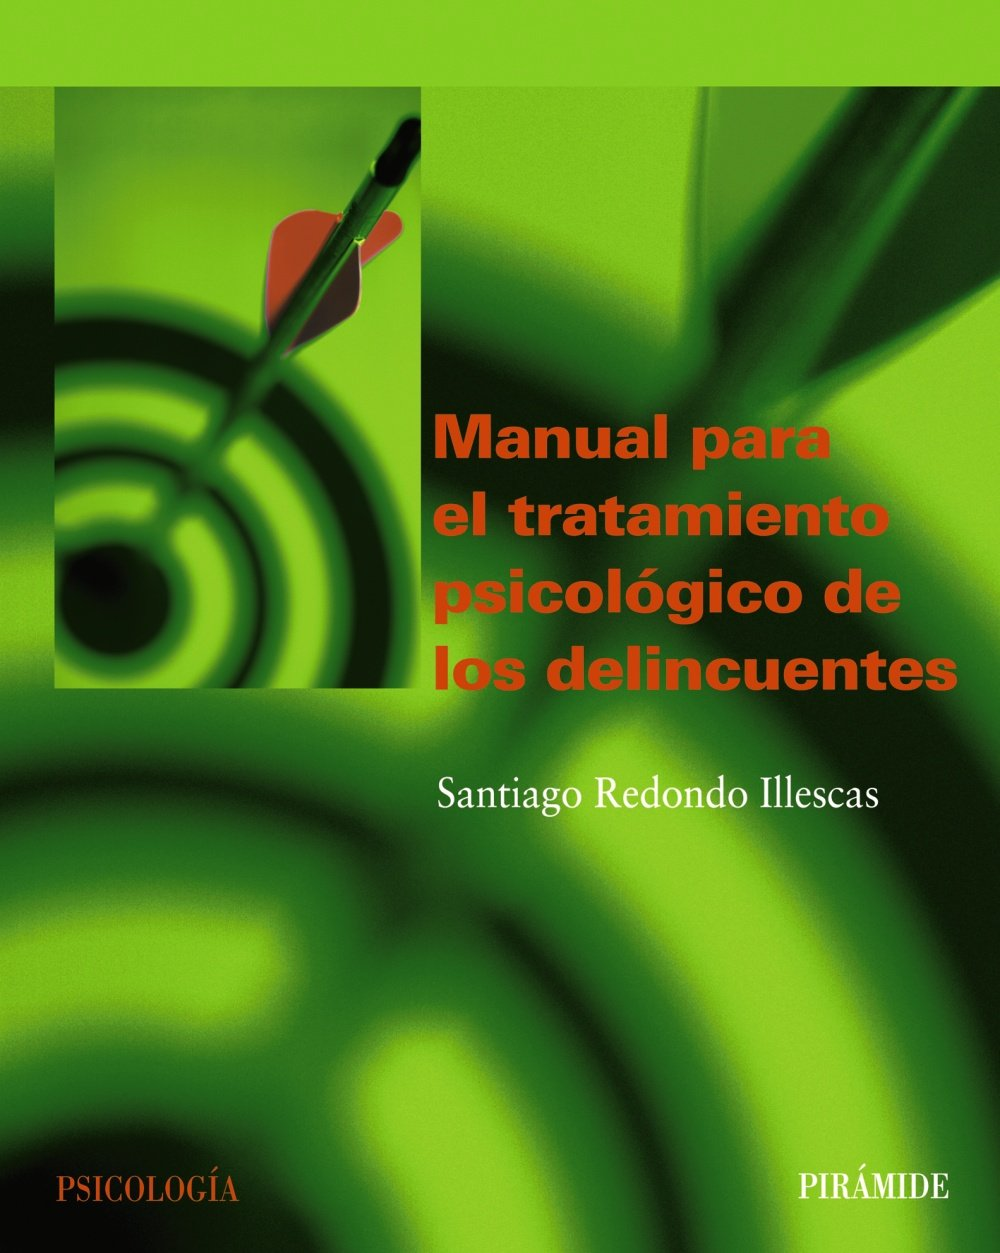 Manual para el tratamiento psicológico de los delincuentes Psicología: Amazon.es: Santiago Redondo Illescas: Libros